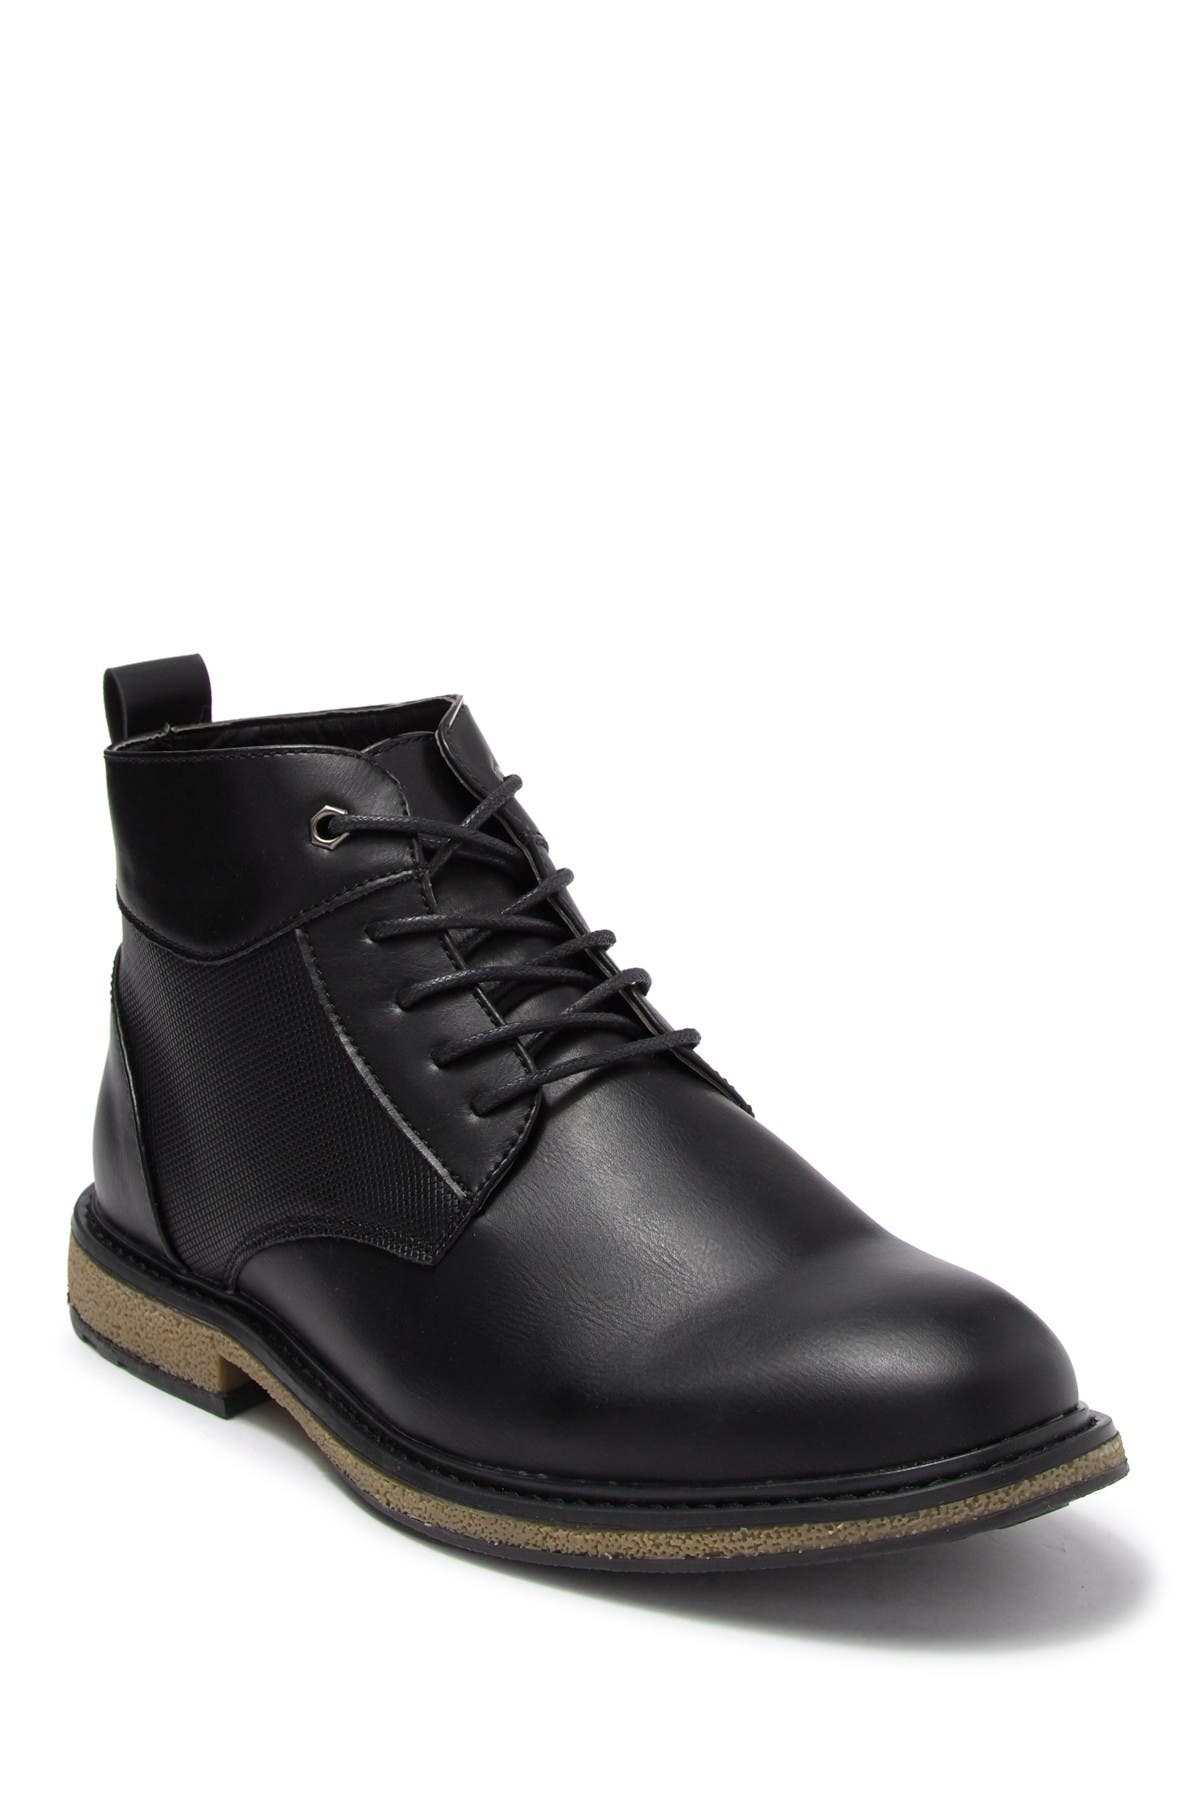 Image of Hawke & Co. Savanna Chukka Boot